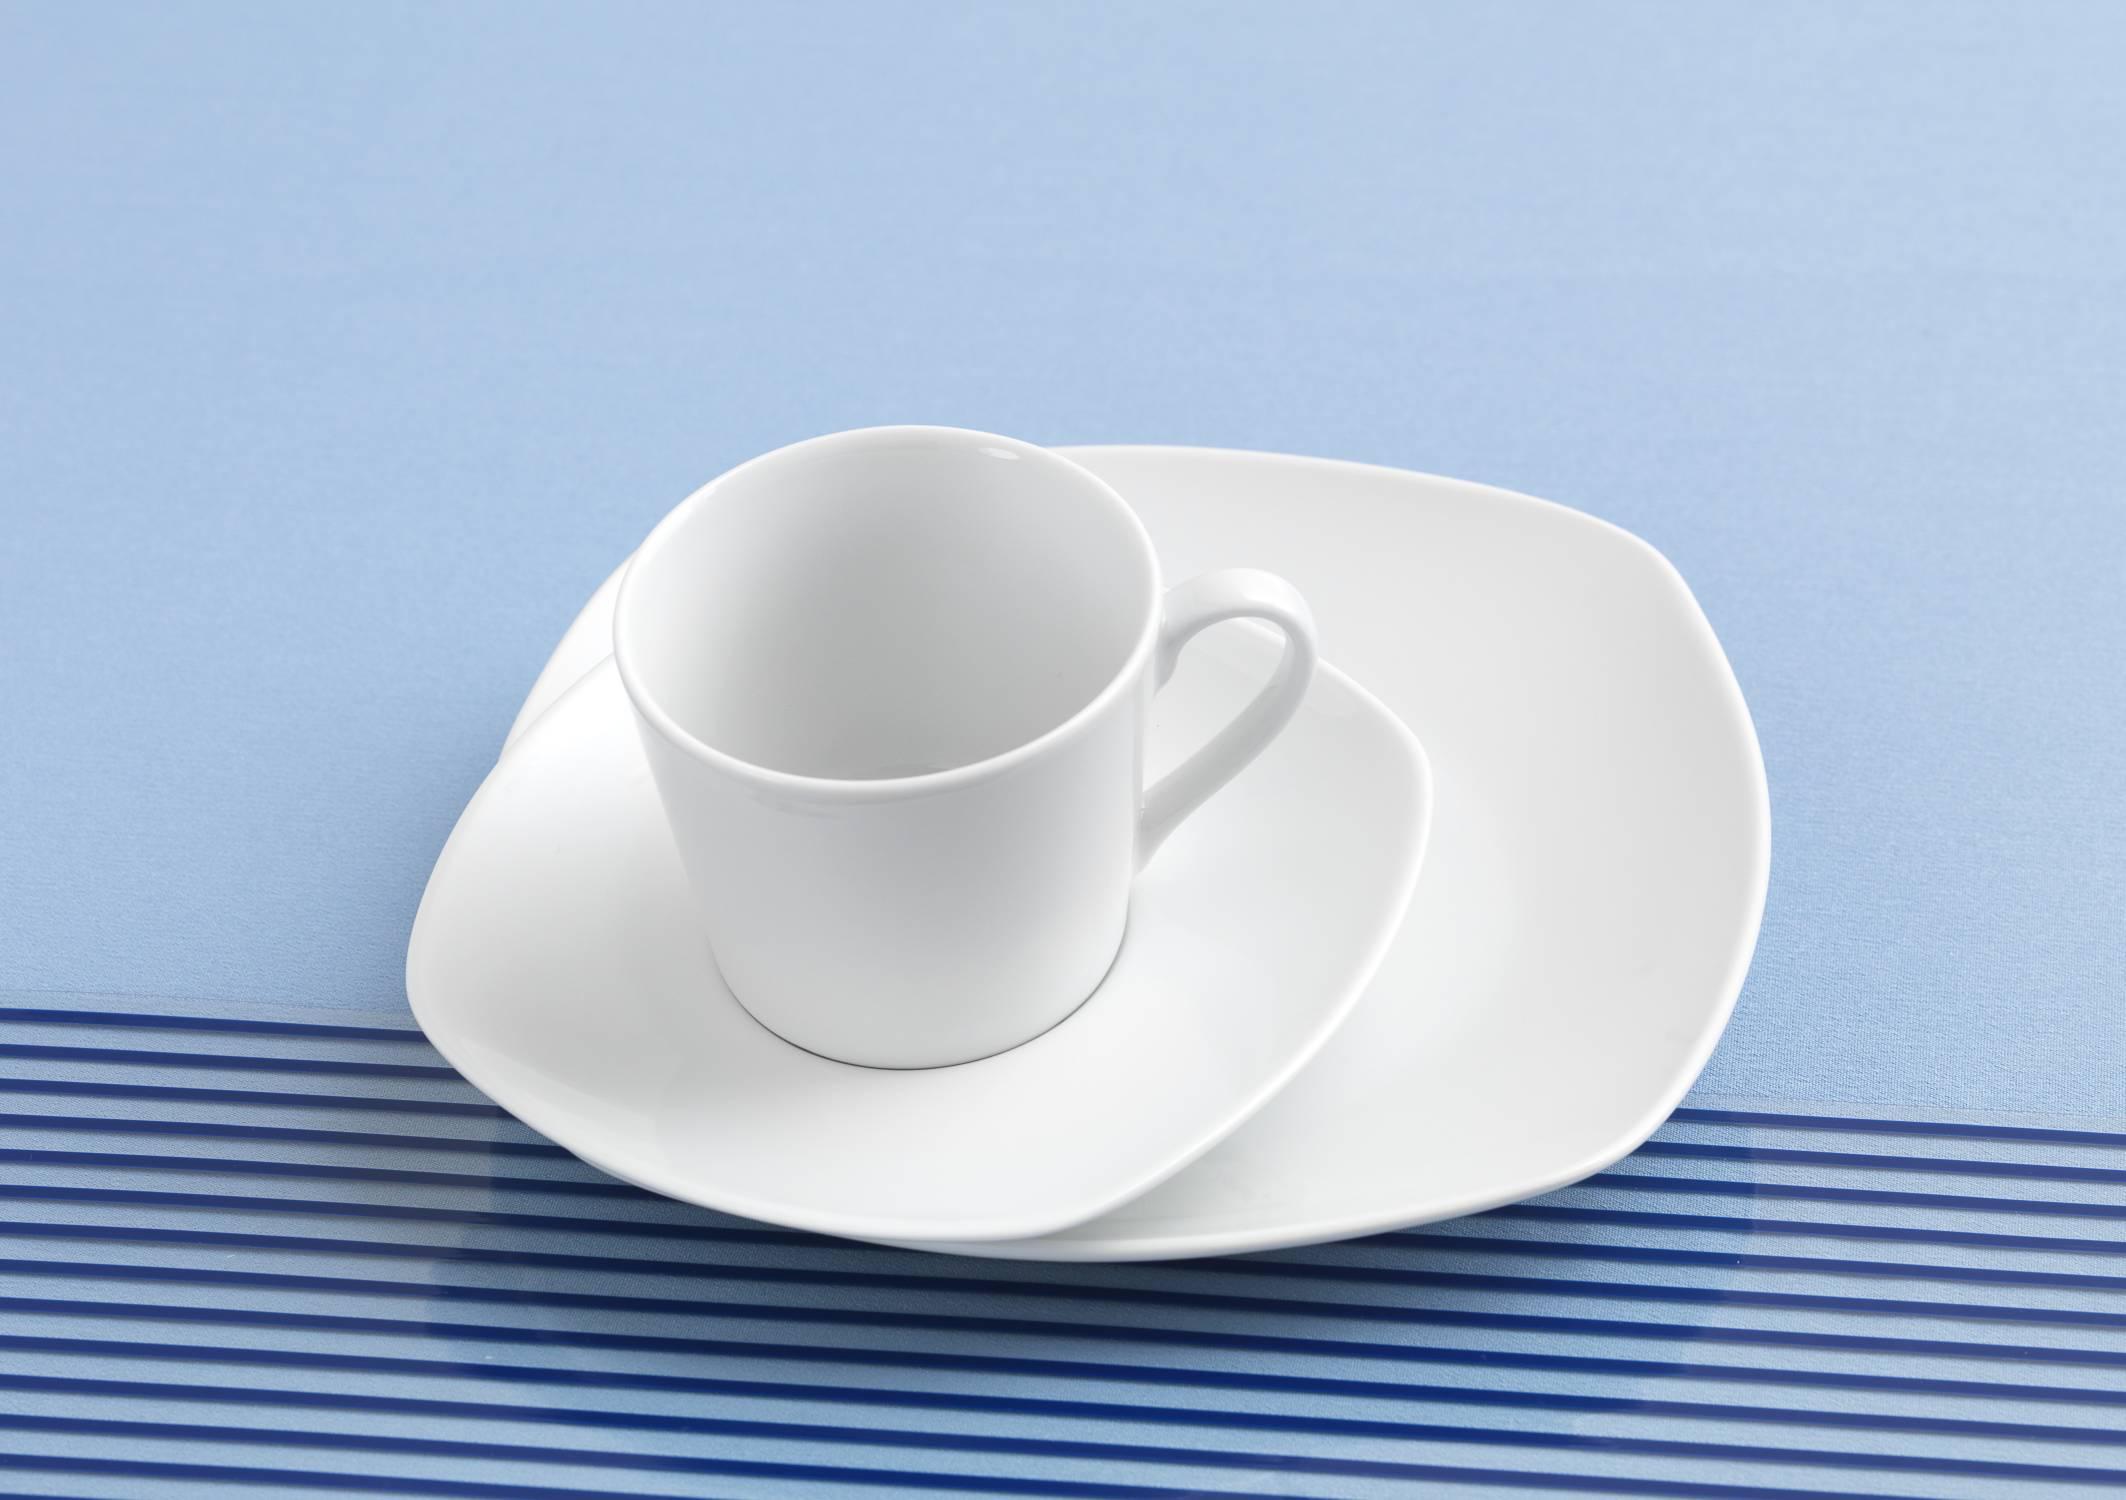 ritzenhoff und breker flirt kaffeeservice porzellan serie primo 18 tlig neu gastro. Black Bedroom Furniture Sets. Home Design Ideas